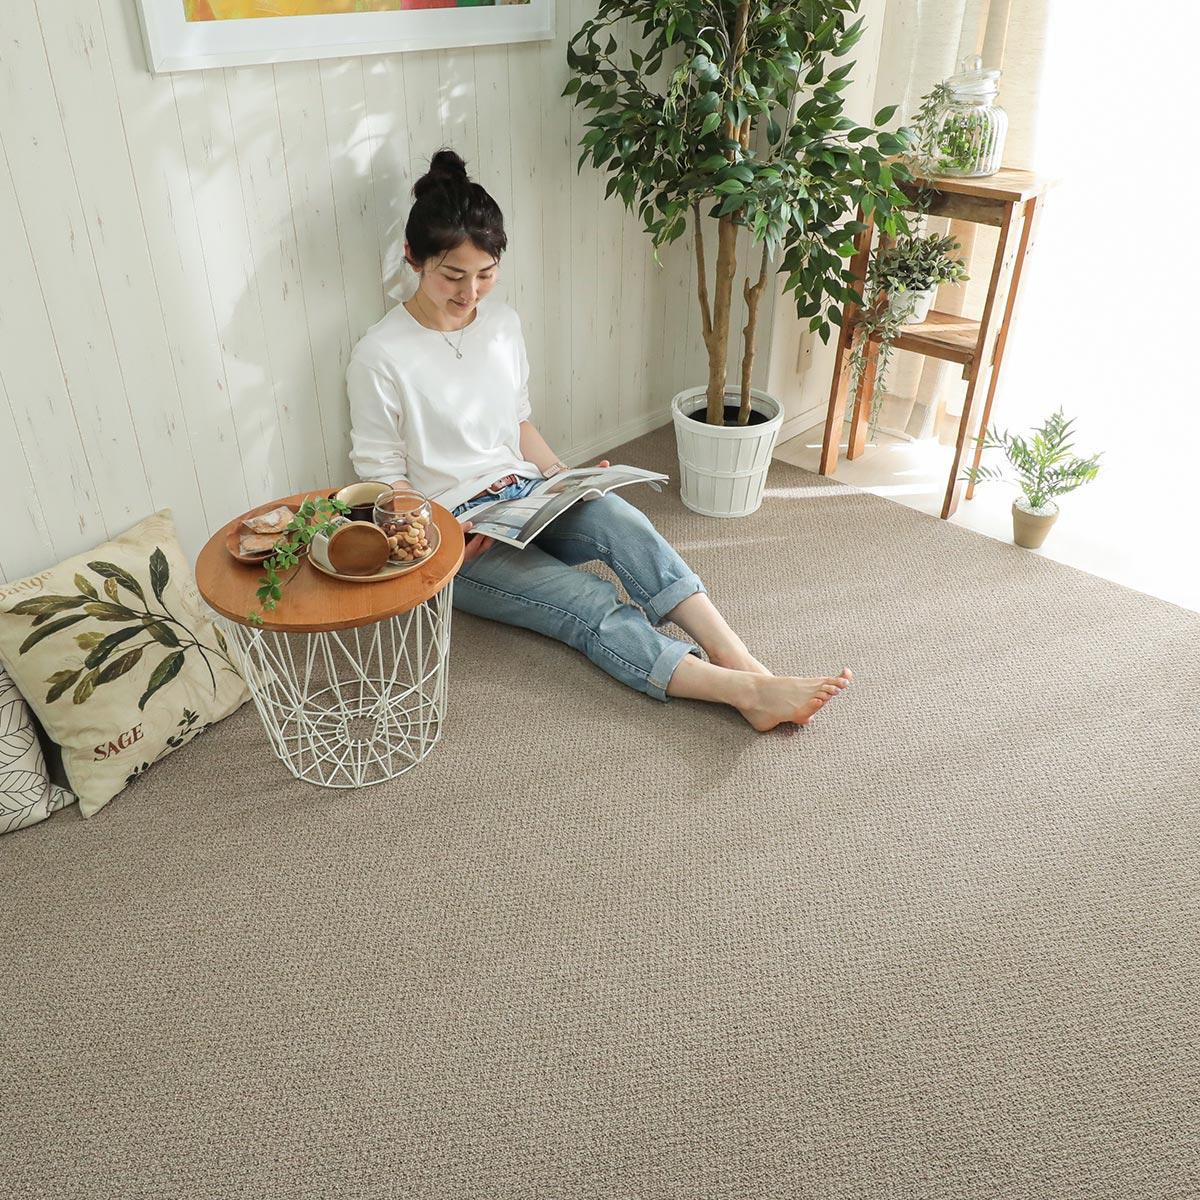 元気なお子さんがいるご家庭やマンション住まいに最適なクッション性・防音性に優れたカンガバック素材を使用したカーペット。